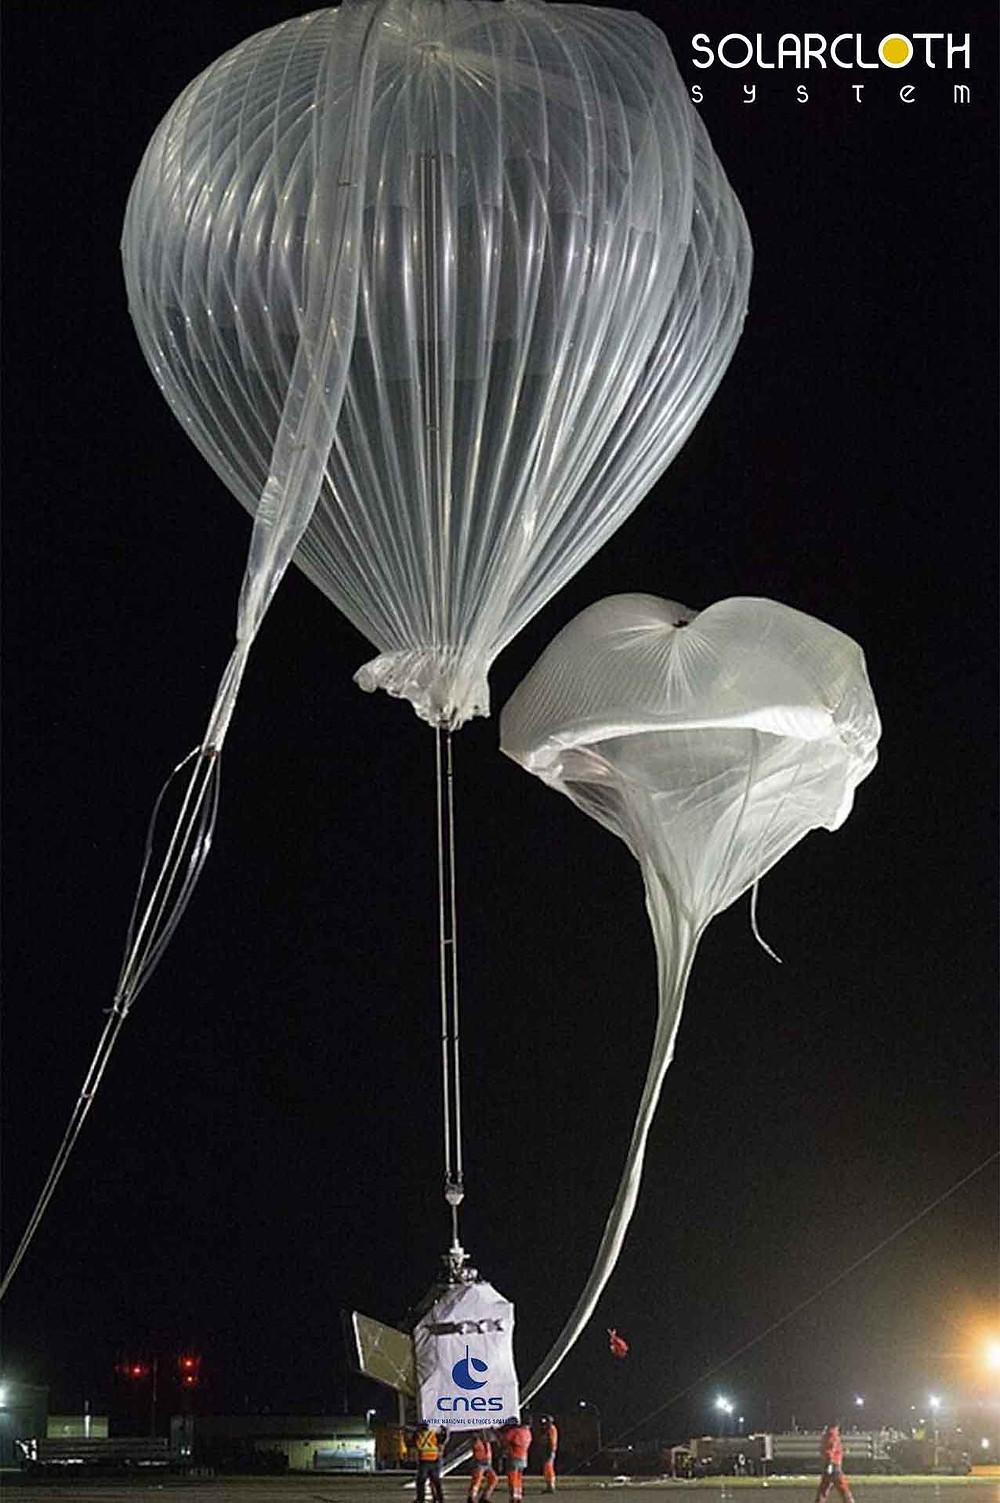 Strato ballon CNES et Solar Cloth System